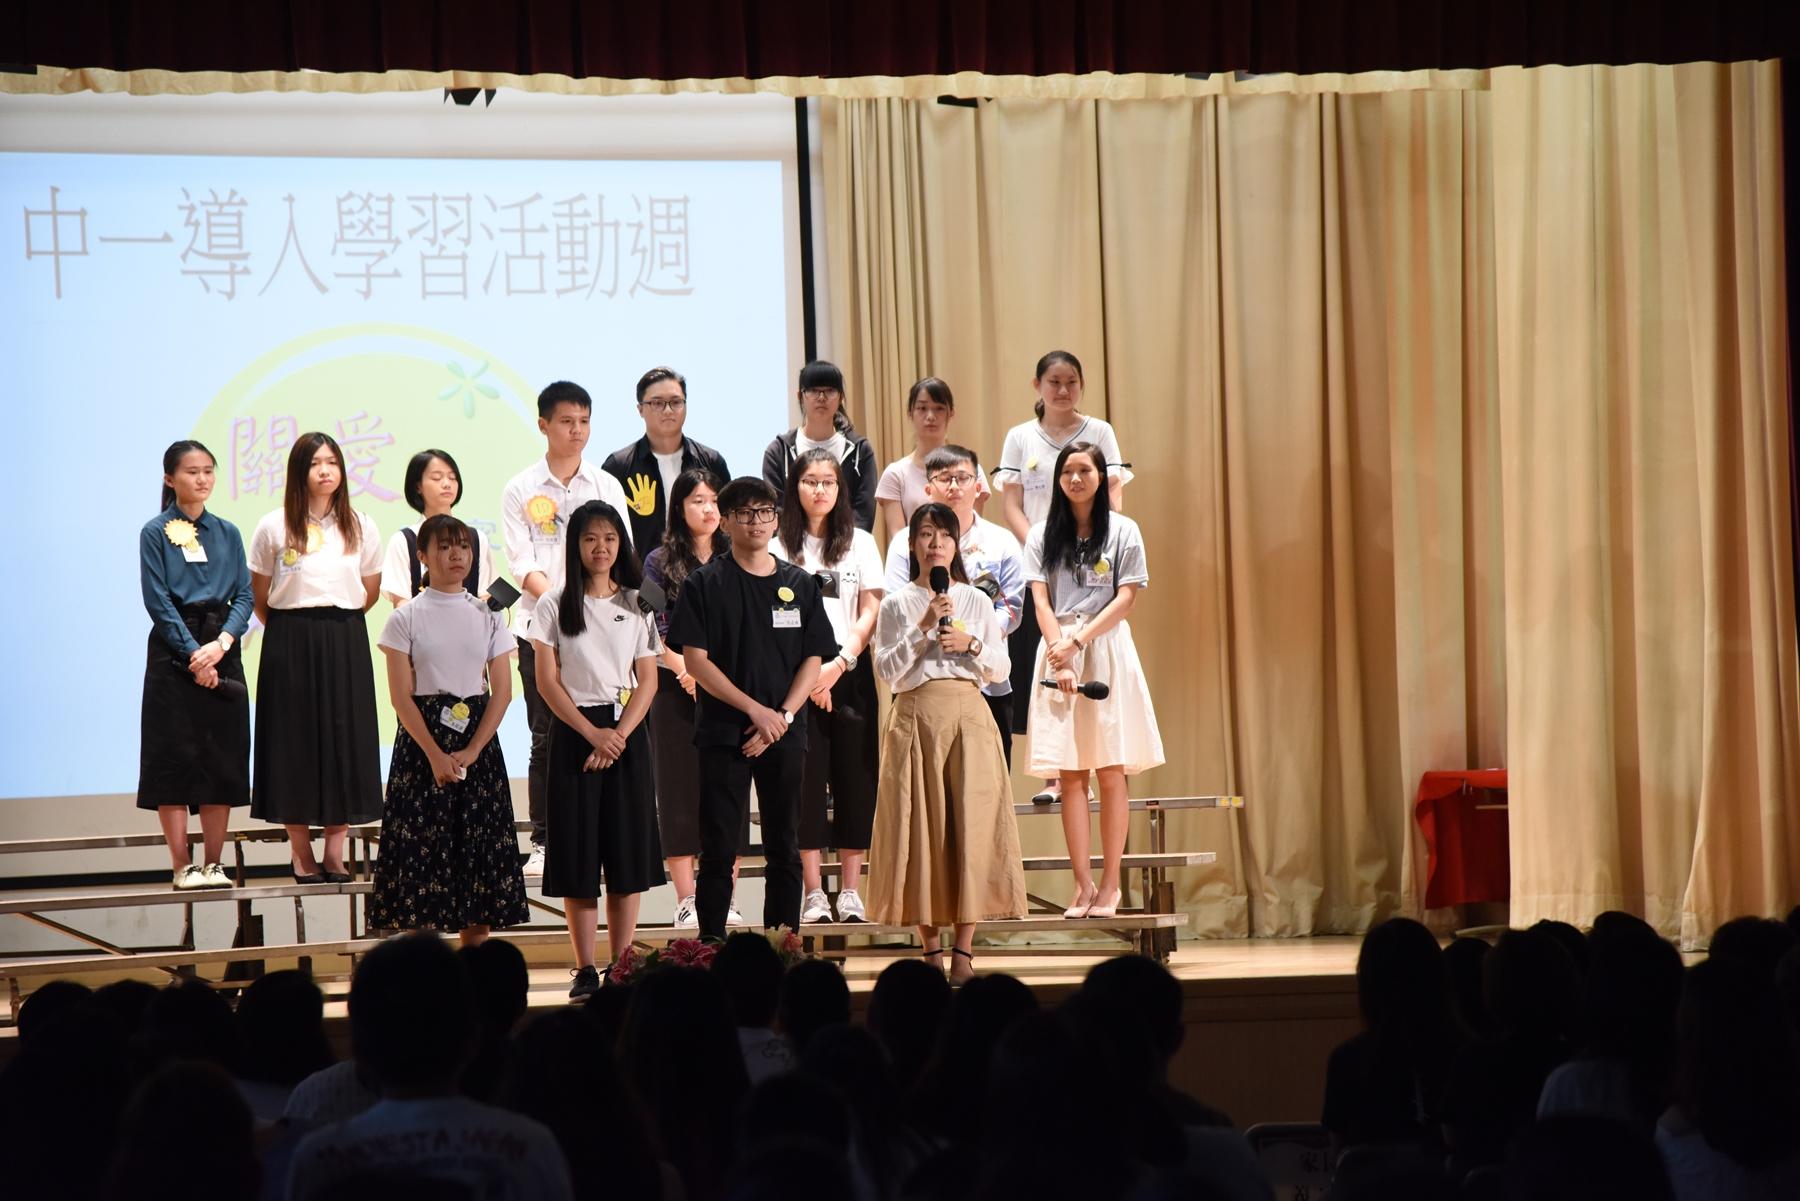 https://www.npc.edu.hk/sites/default/files/dsc_5082.jpg